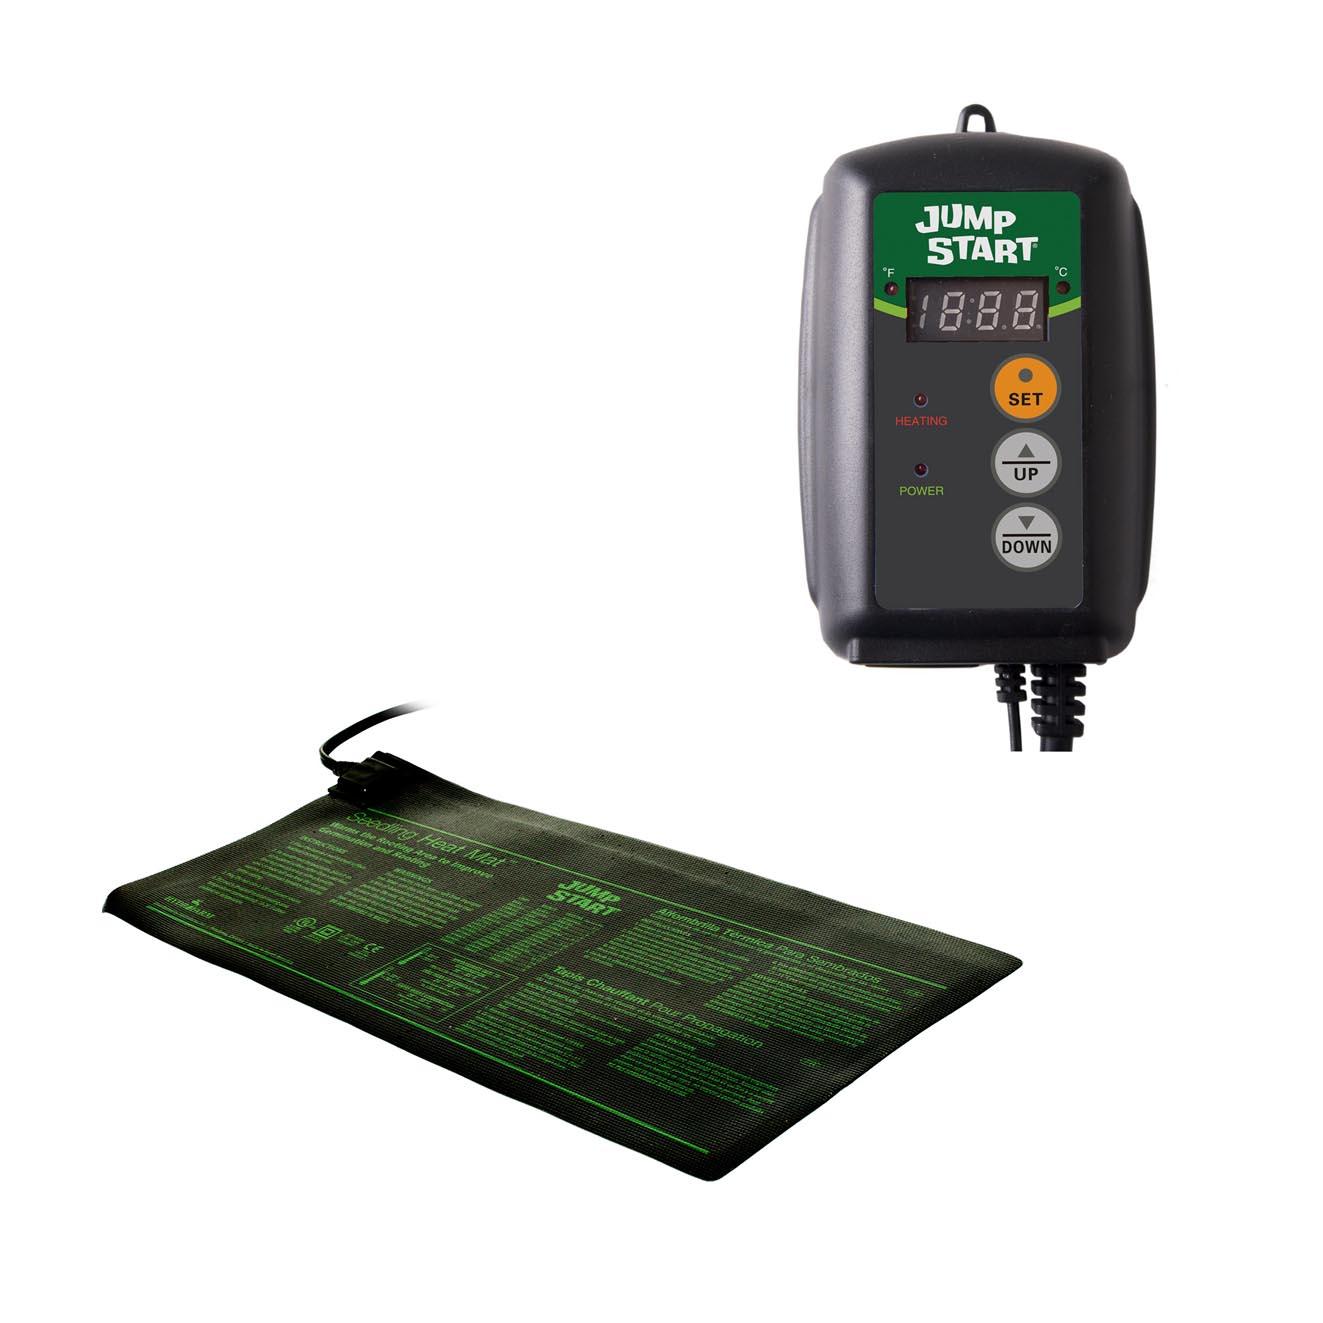 7.3 Watt UL Certified Seedling Heat Mat, Jump Start MT10004 Waterproof Durable